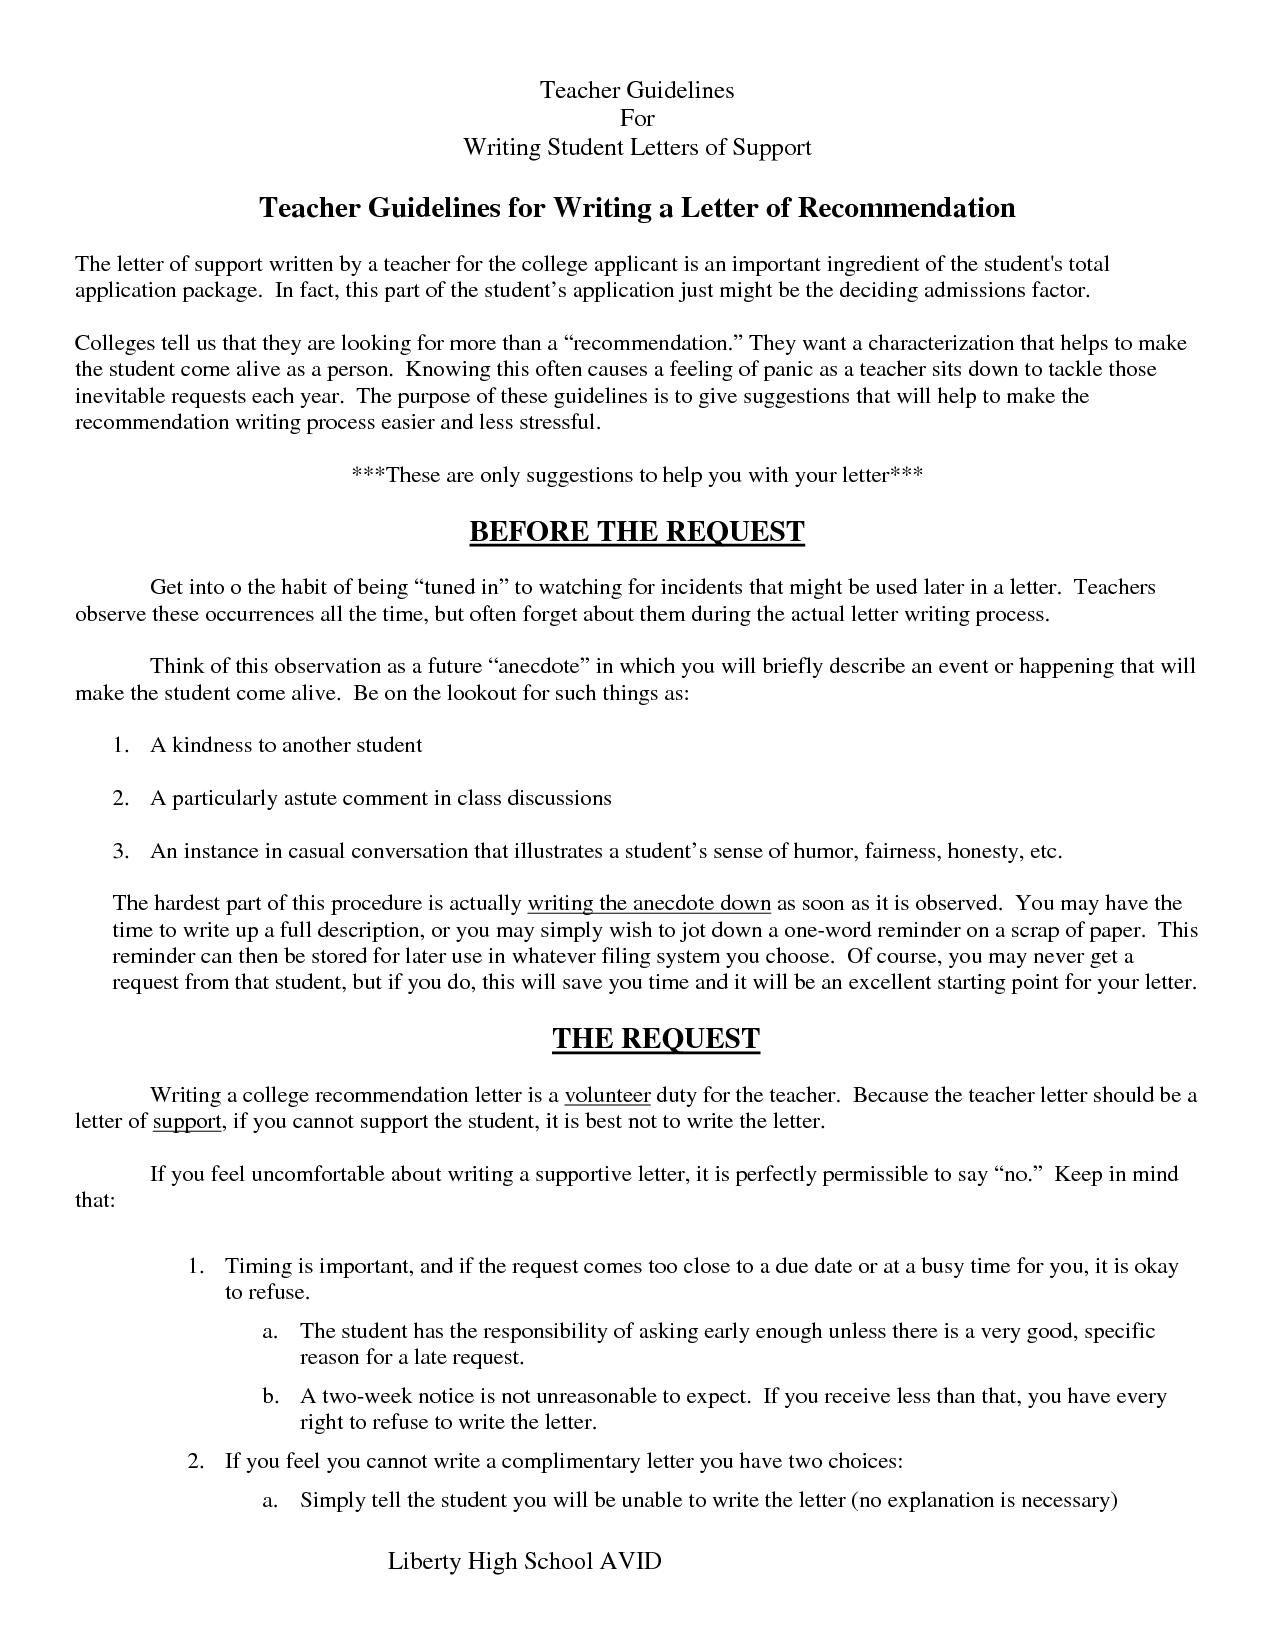 8sample letter written by a teacher